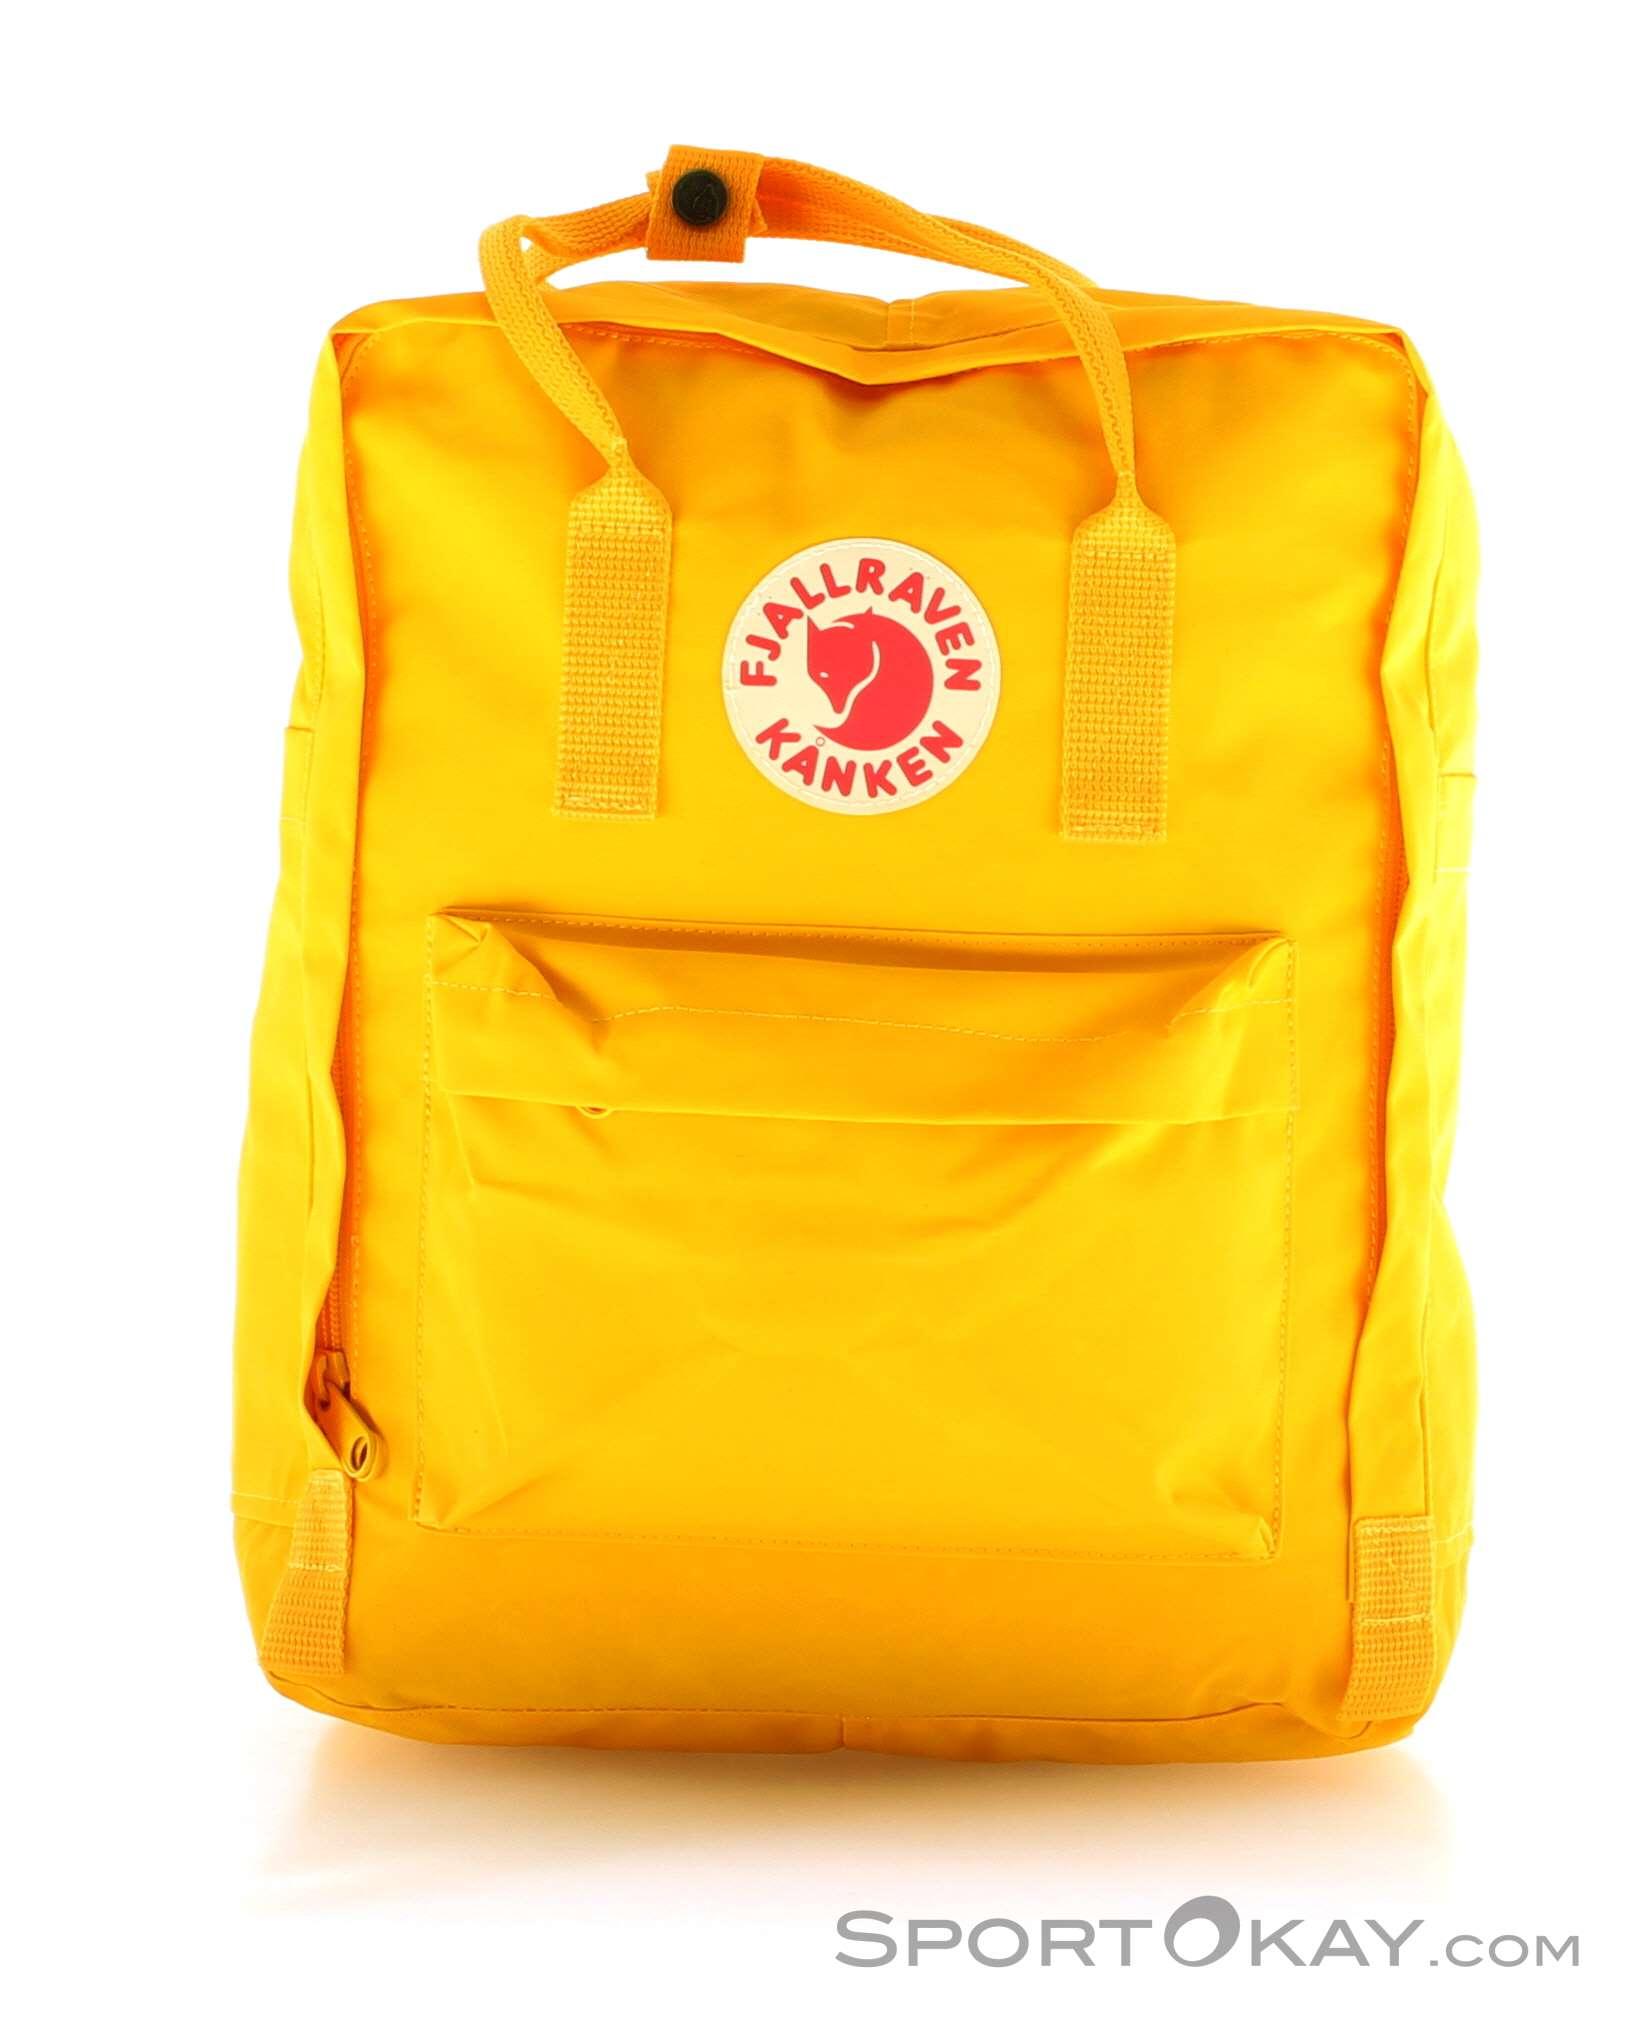 rucksack fjällräven gelb